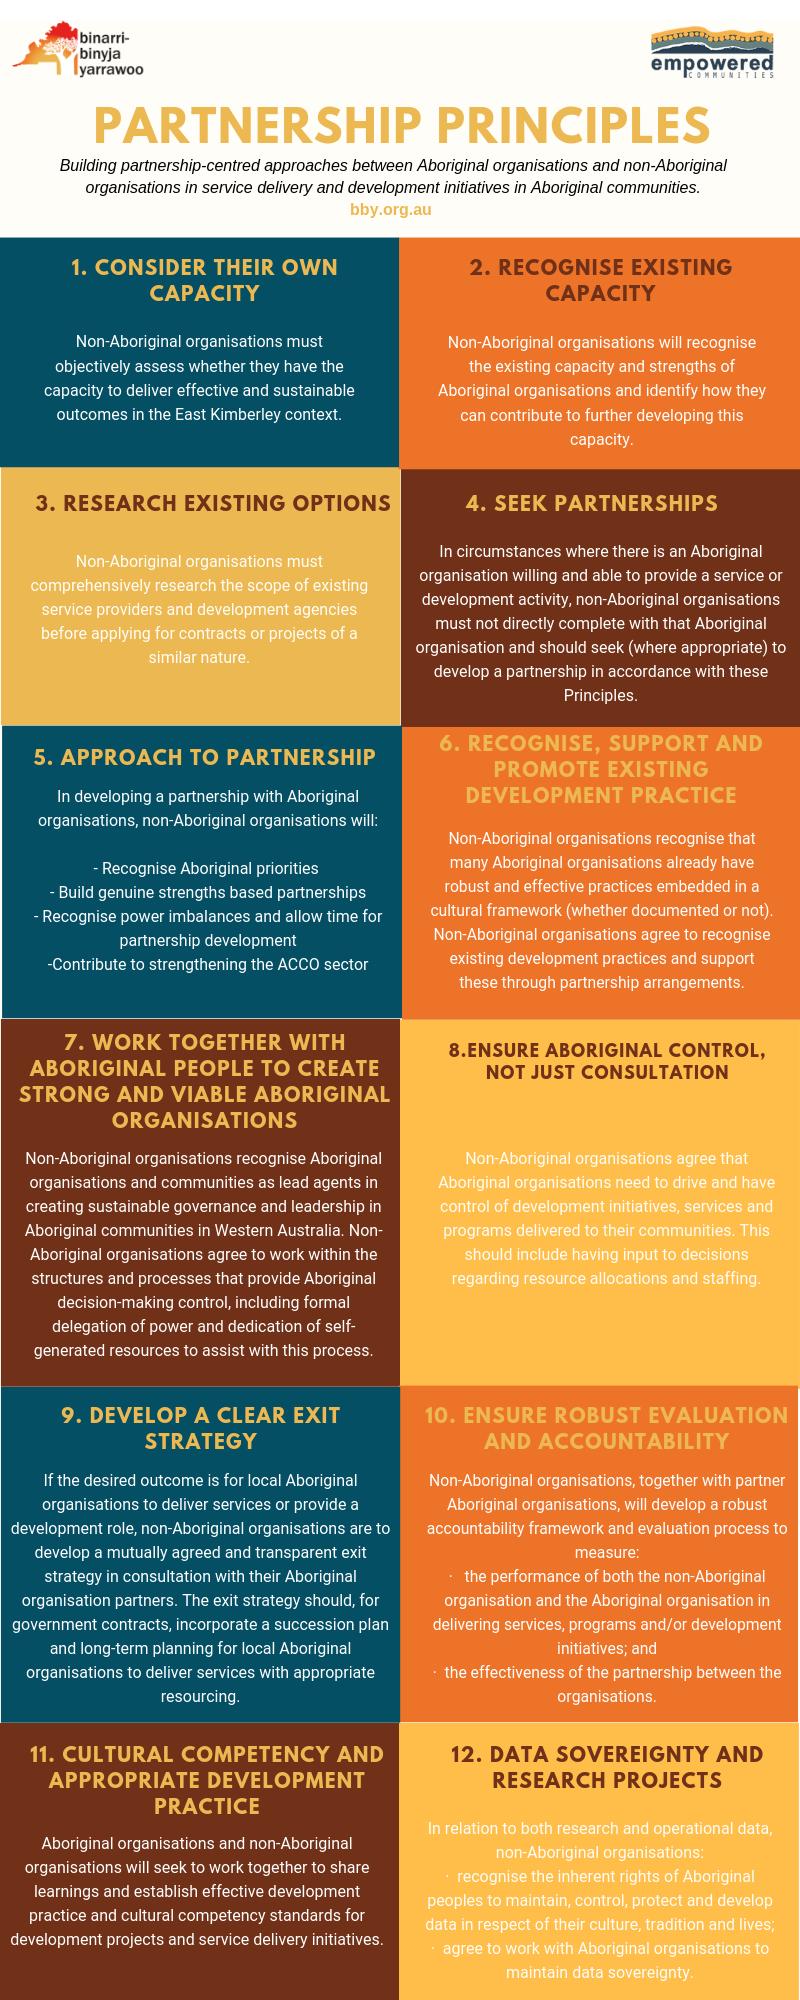 Final Partnership Principles.png